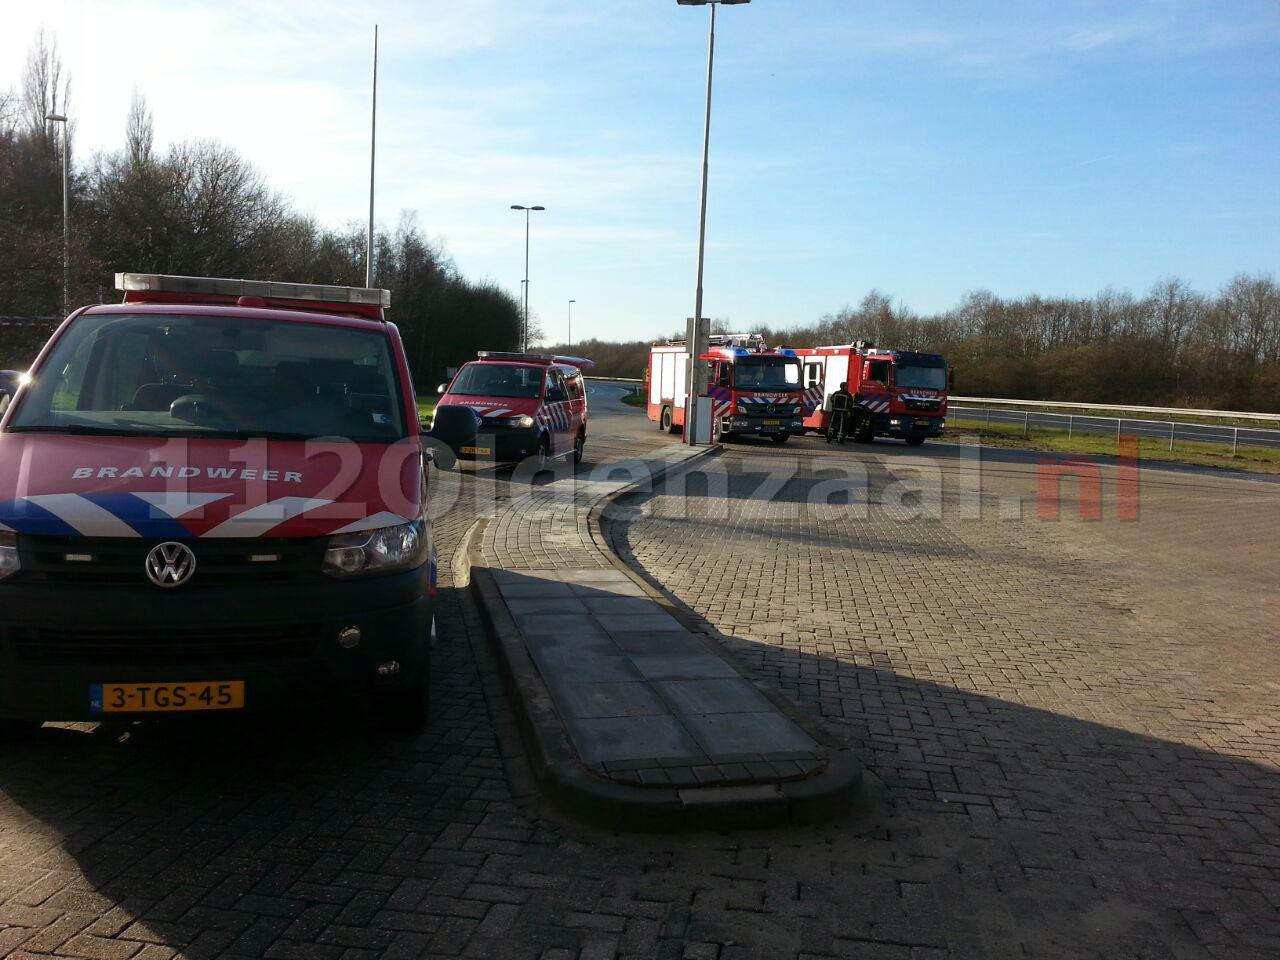 Foto 2: Vrachtwagen lekt LPG bij tankstation A1 Deurningen, brandweer opgeroepen